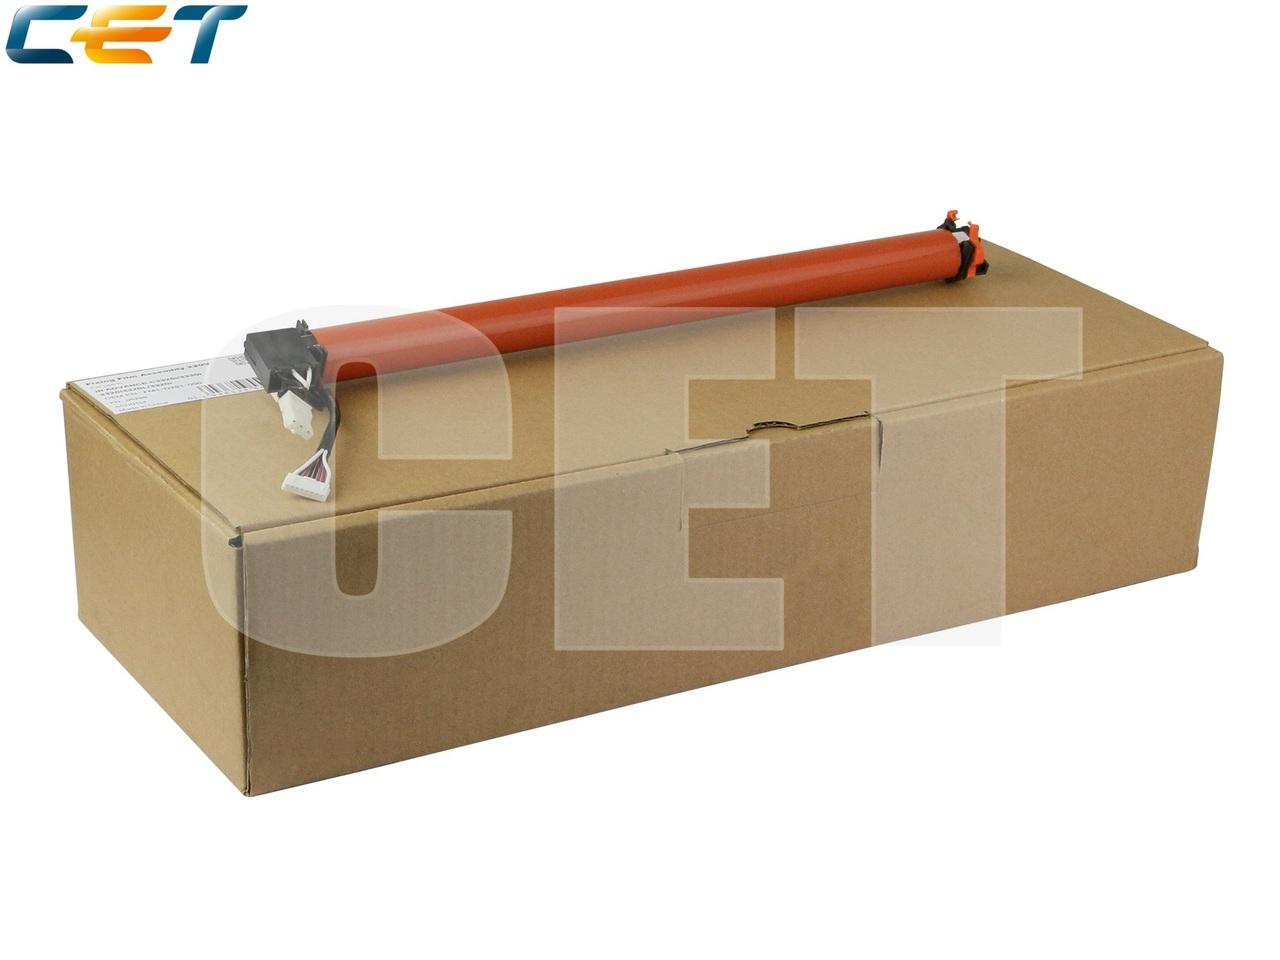 Нагревательный элемент в сборе с термопленкойFM1-D281-000 для CANON iR ADVANCEC3325i/3330i/3320i/3520i/3525i/3530i  (CET), CET5286